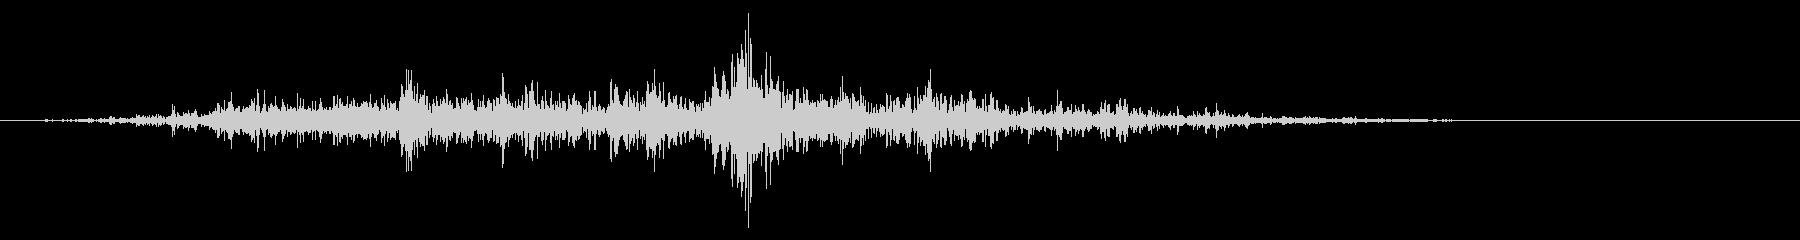 ガラガラ_崩れる音_04の未再生の波形